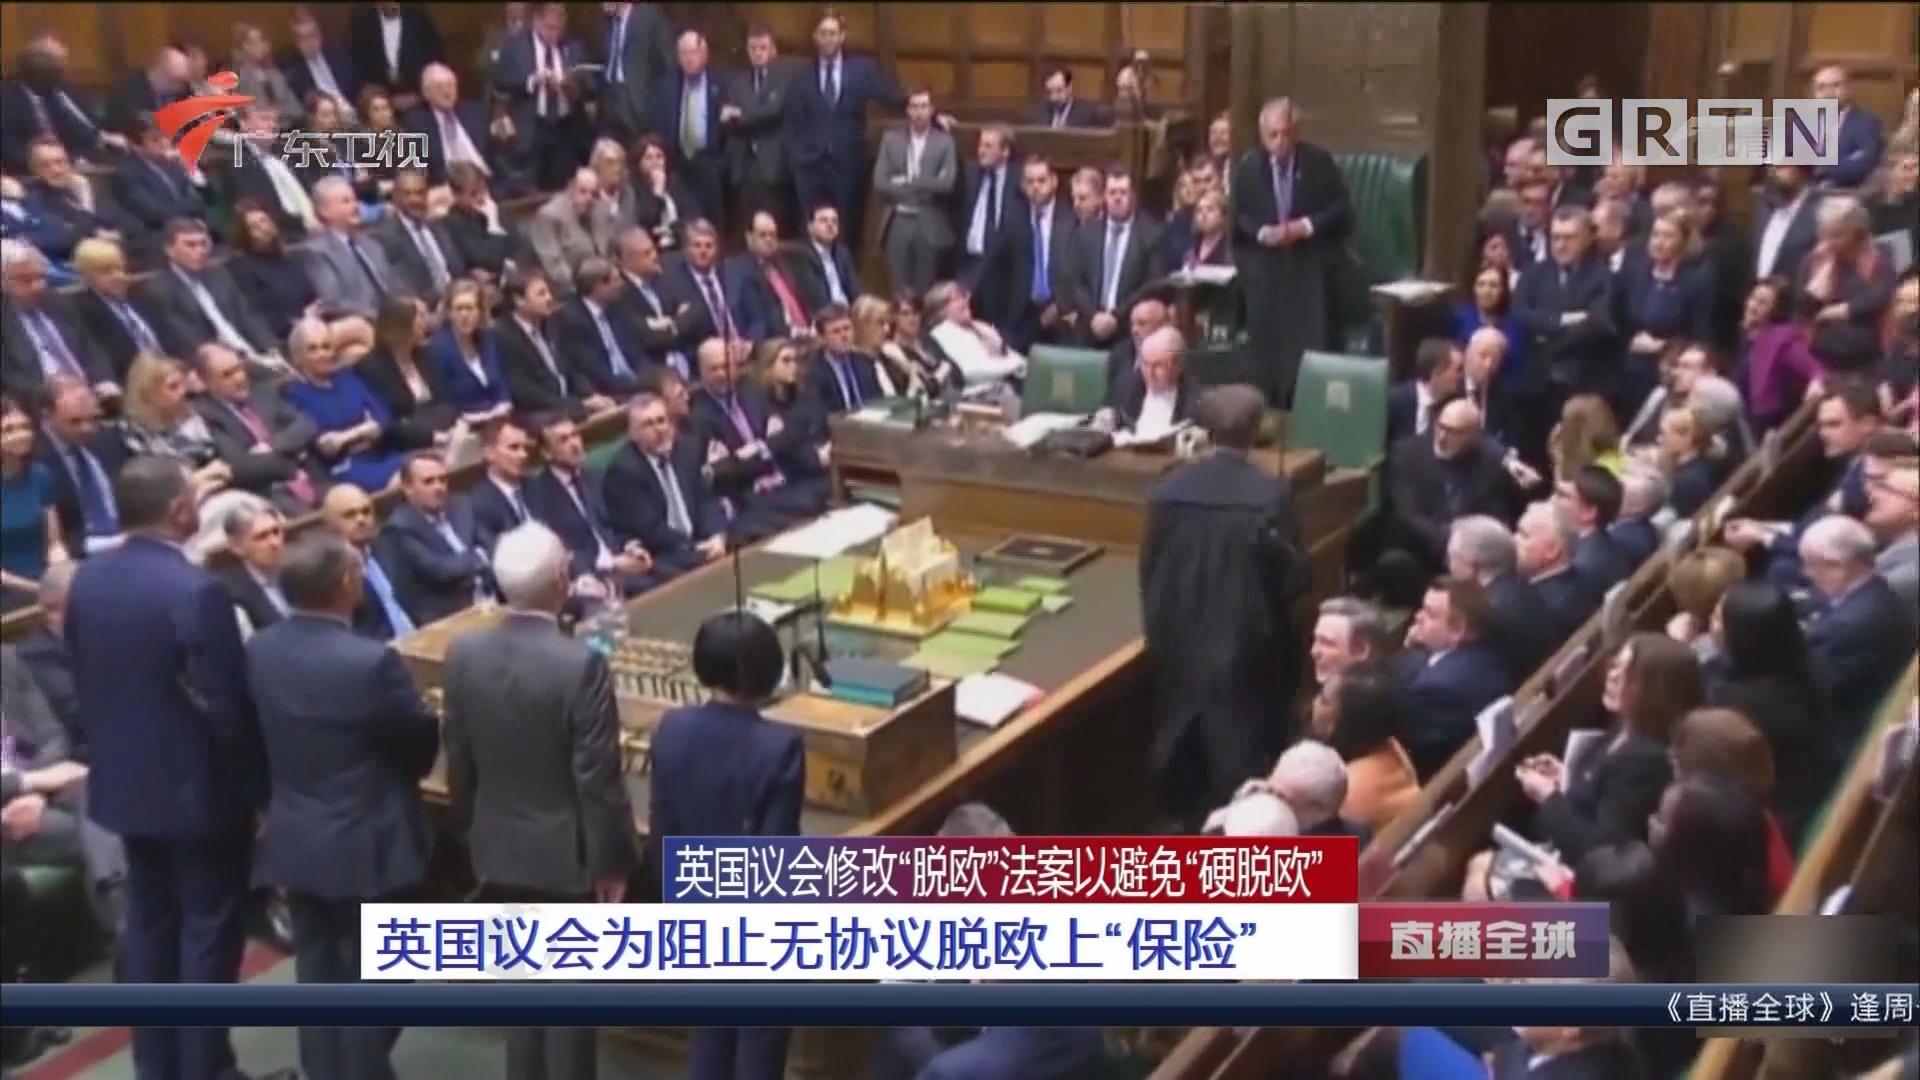 """英国议会修改""""脱欧""""法案以避免""""硬脱欧"""" 英国议会为阻止无协议脱欧上""""保险"""""""